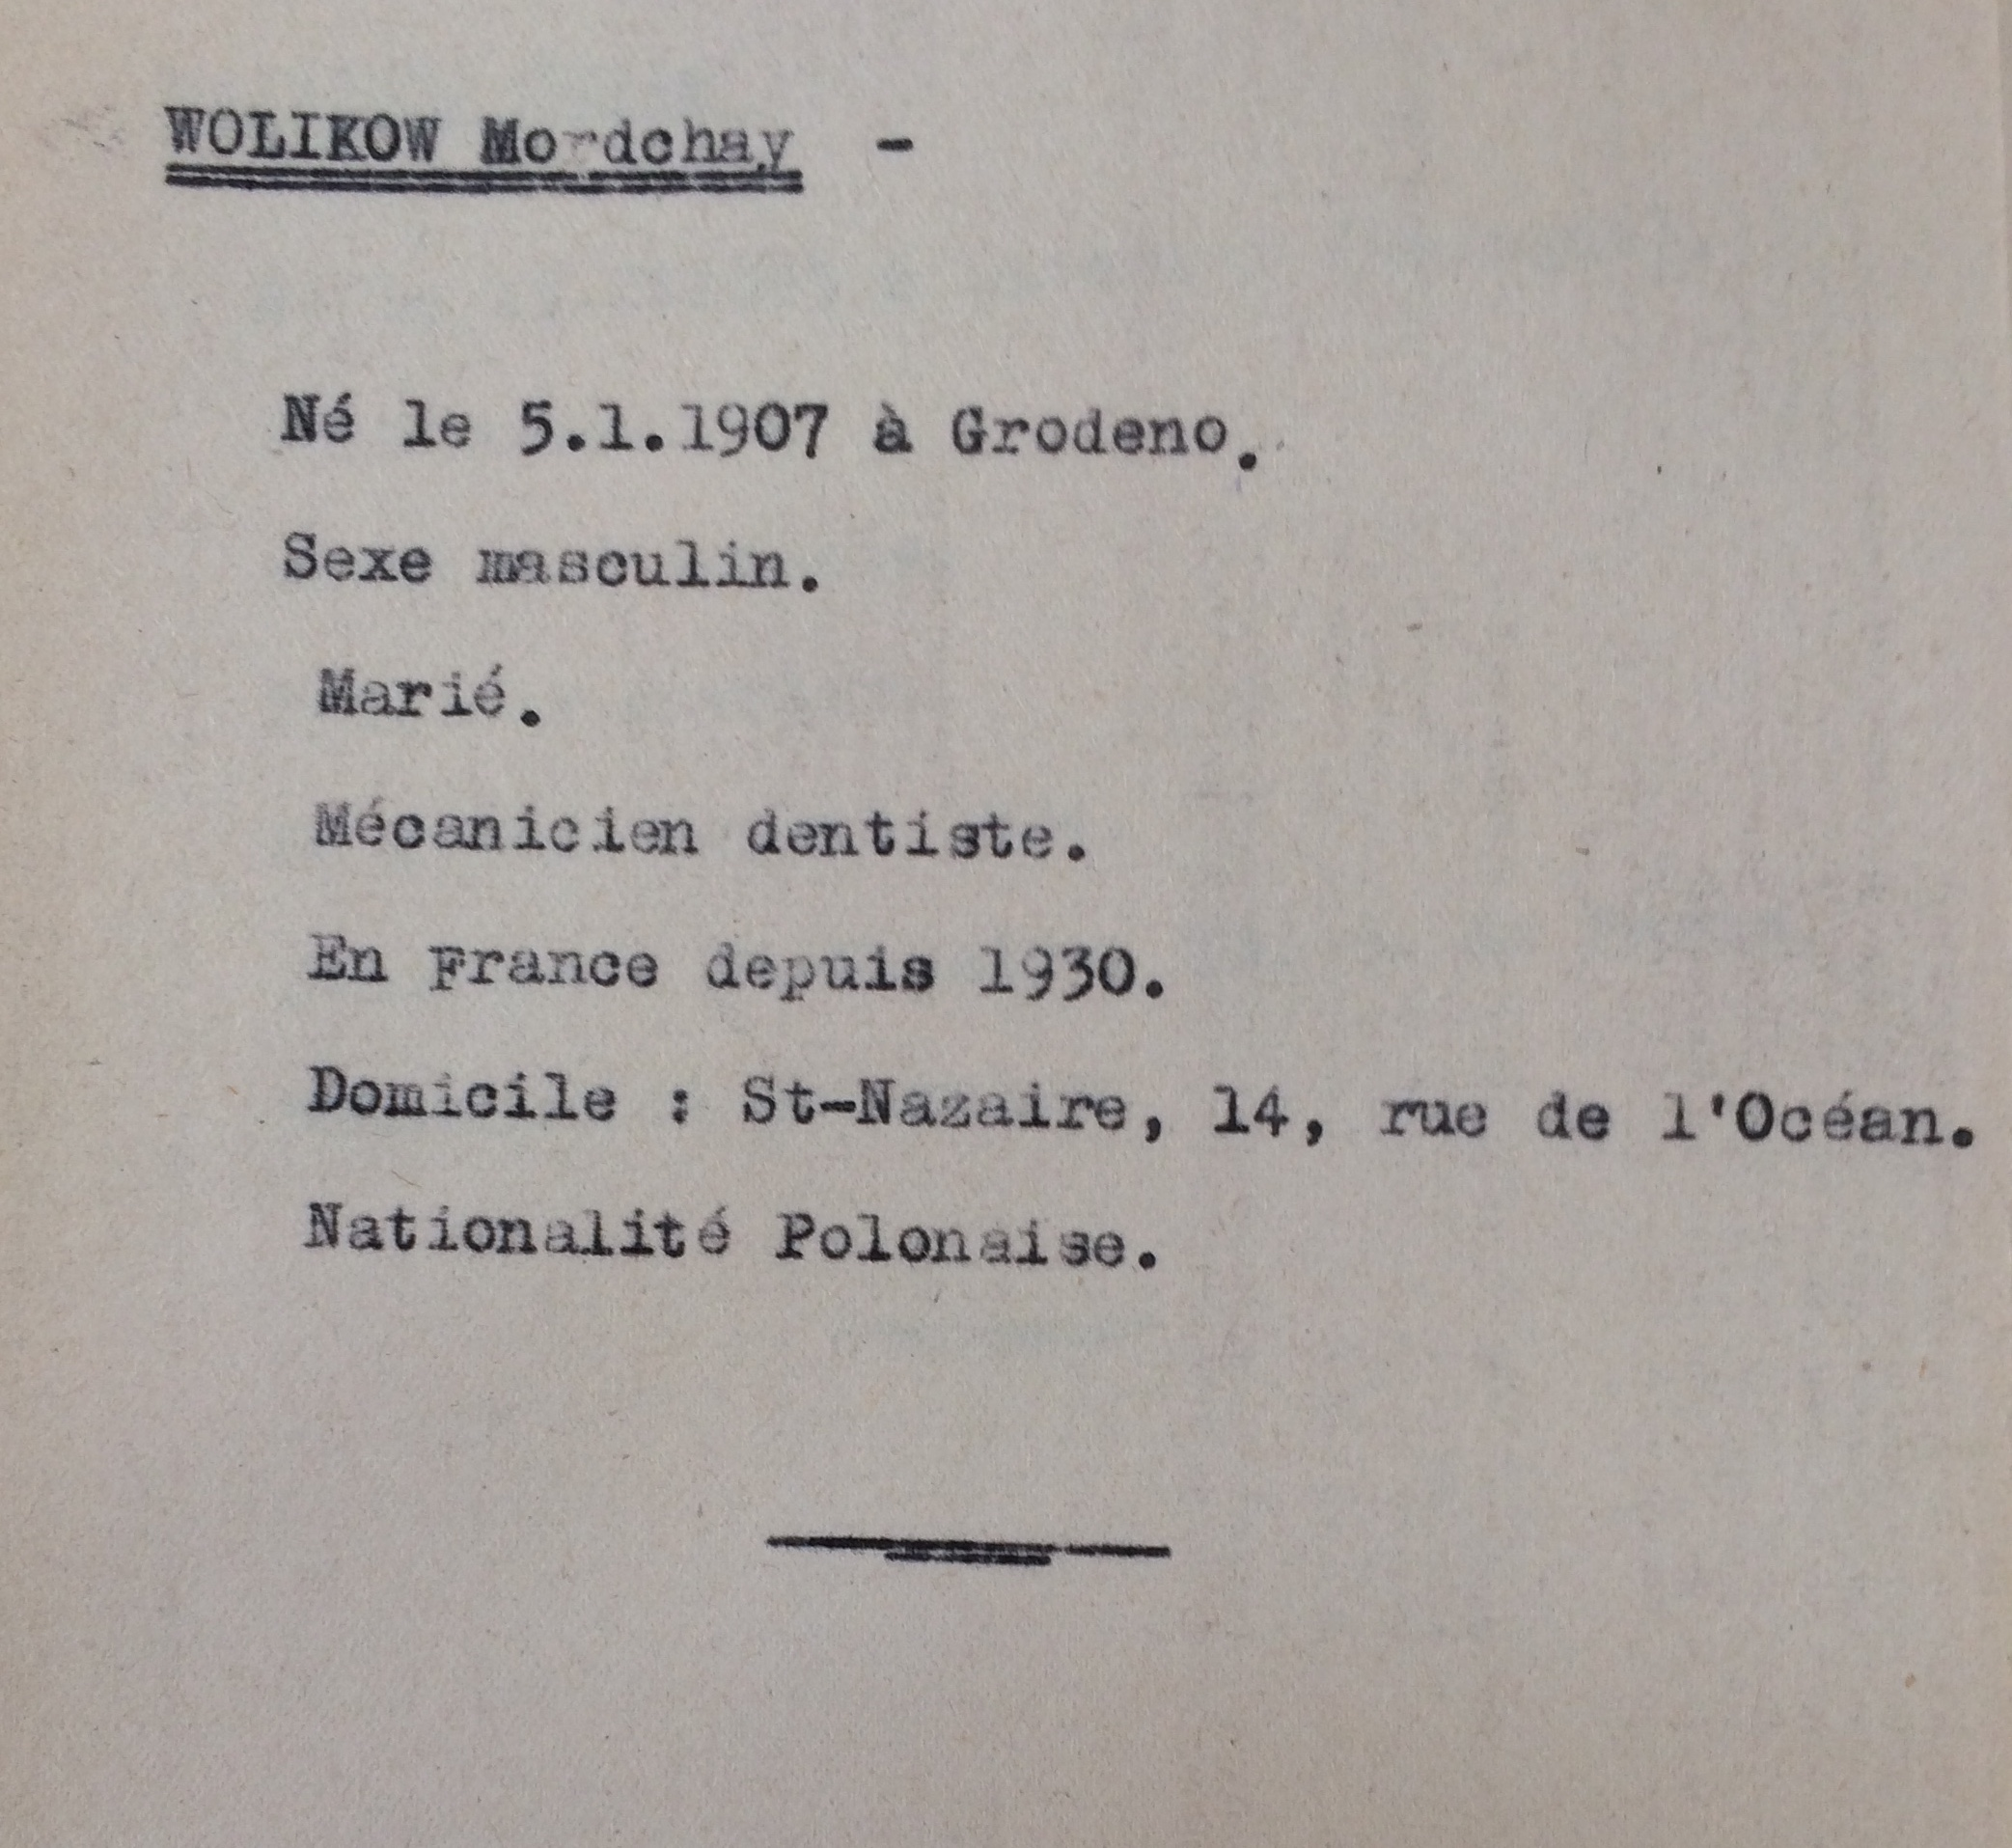 recensement Polonais/Slovaques/Autrichiens/Allemands [ADLA 1694W25]